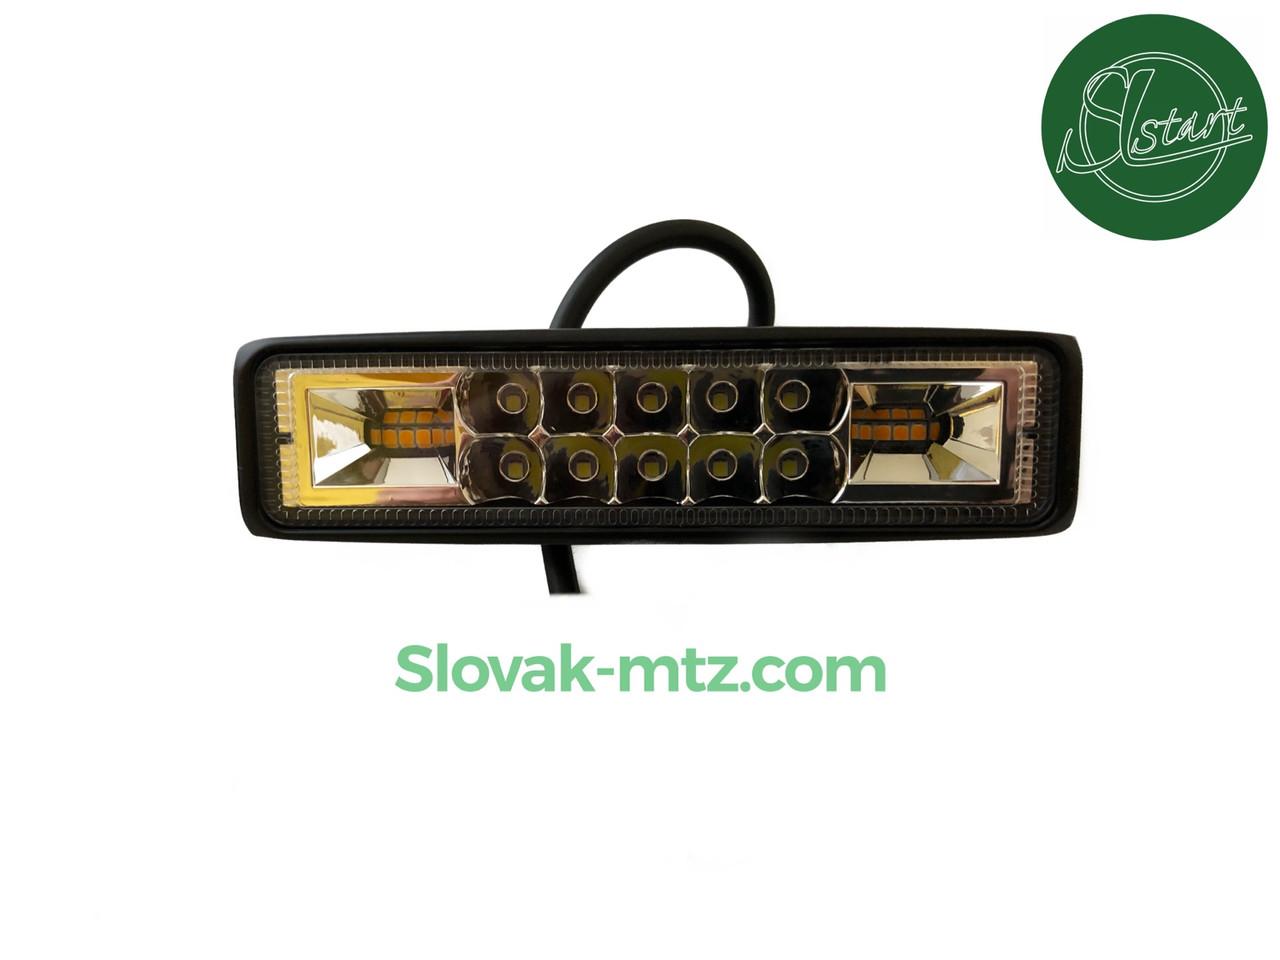 Светодиодная LED фара 20Вт  (светодиоды 2w x10шт +Стробоскопы )